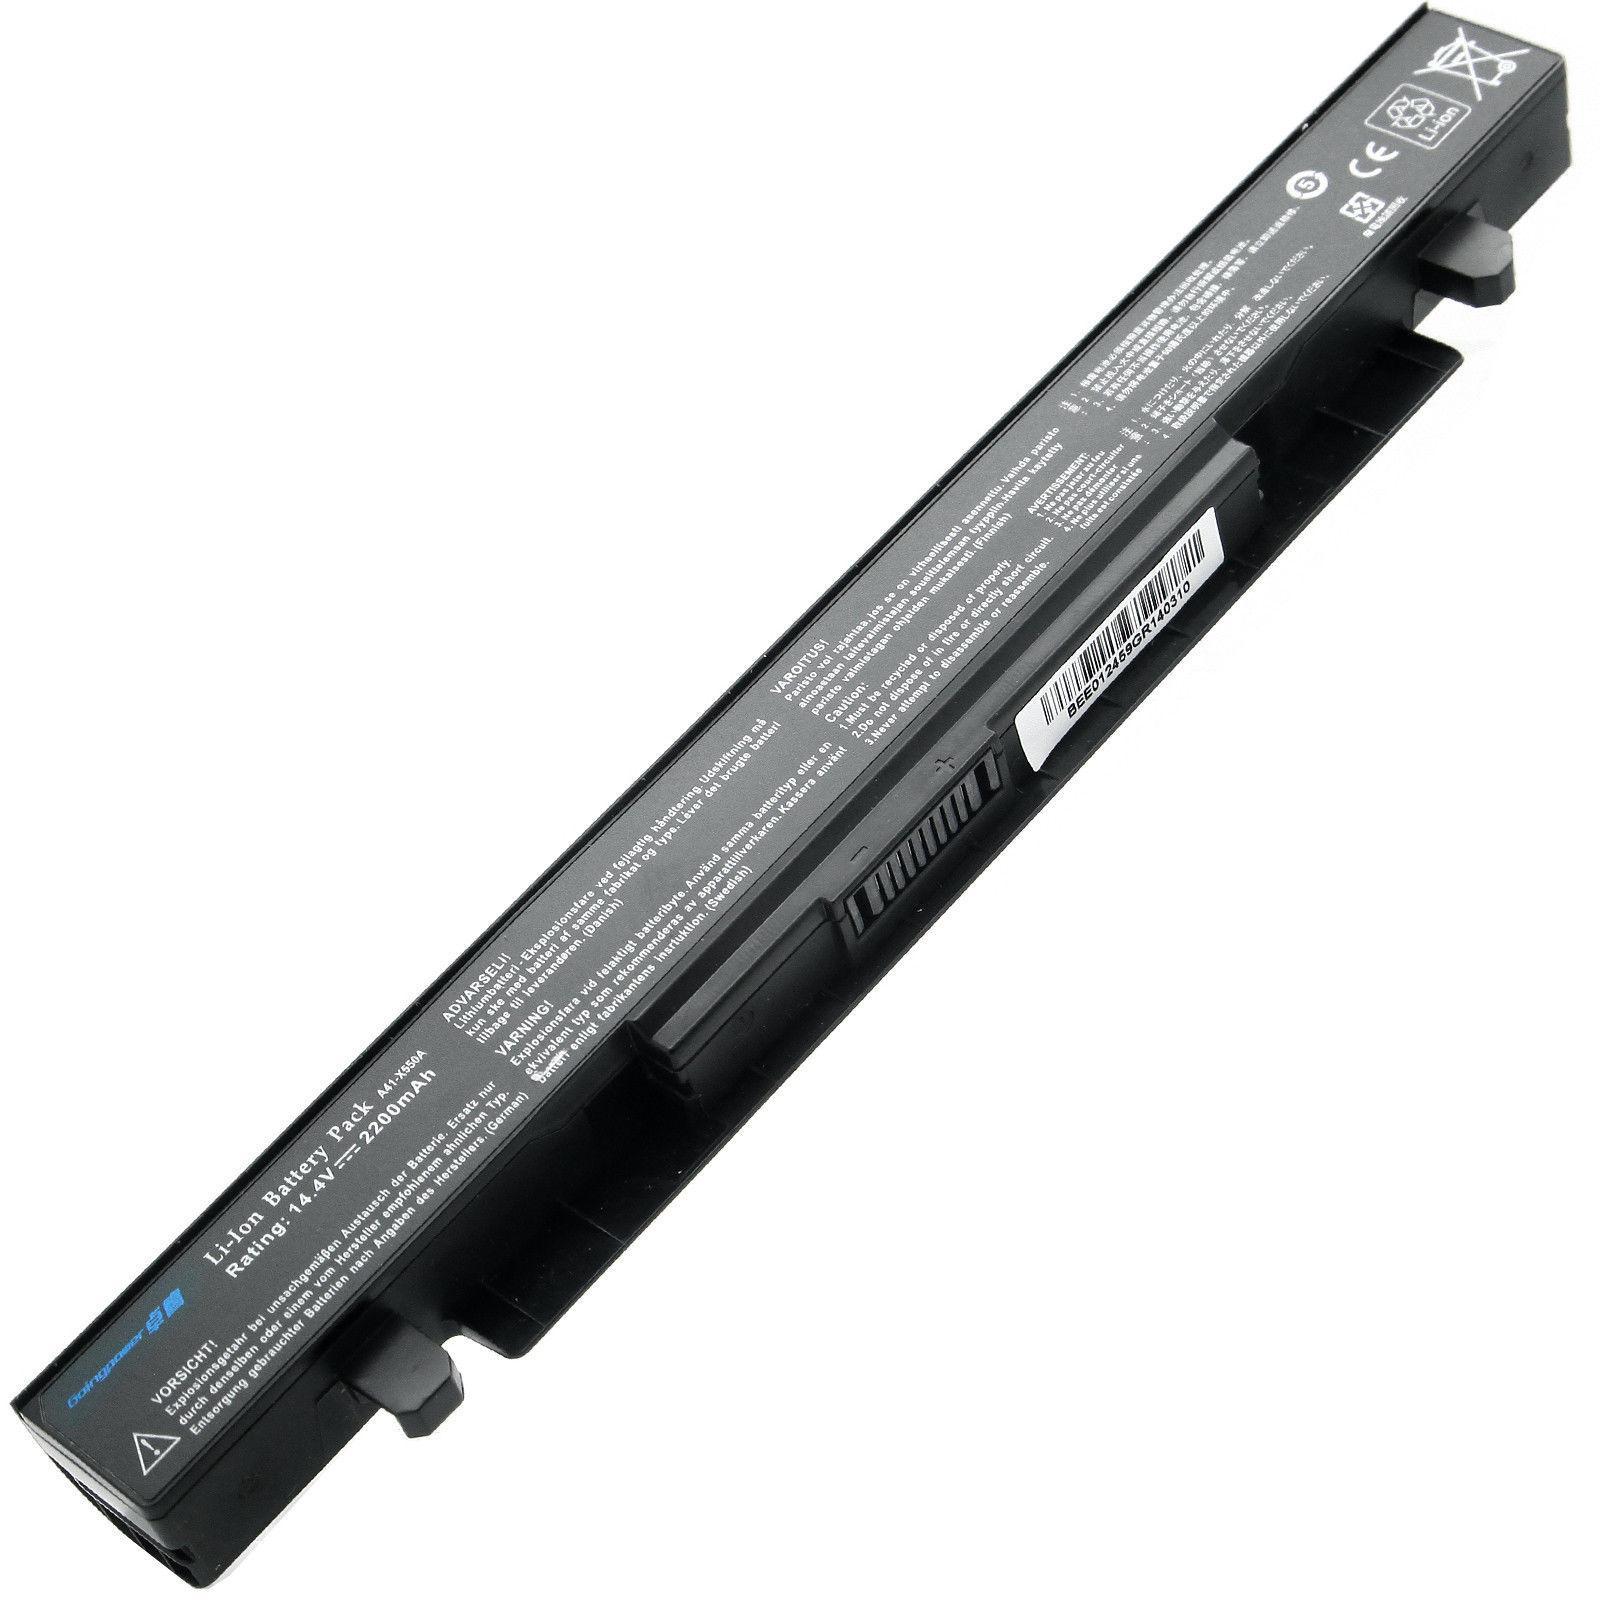 Pin cho Laptop Asus X550 X550C X550CA X550CL X550CC Hàng nhập khẩu bảo hành 12 tháng lỗi 1 đổi 1